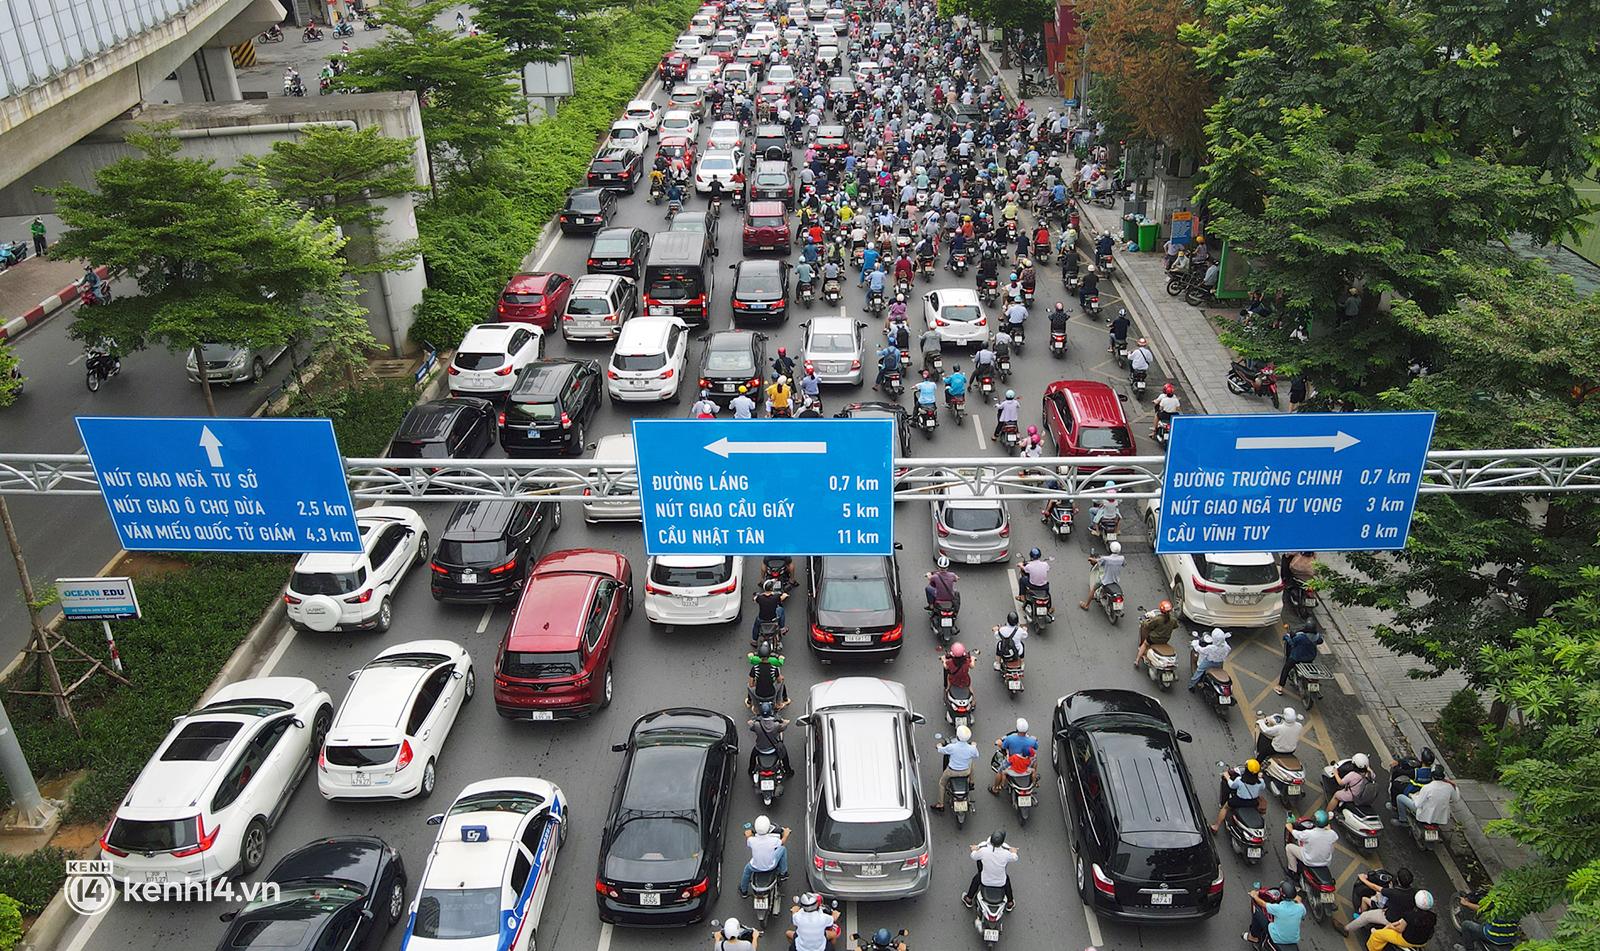 Hà Nội ơi, bạn còn nhớ đường phố những ngày này không? - Ảnh 3.